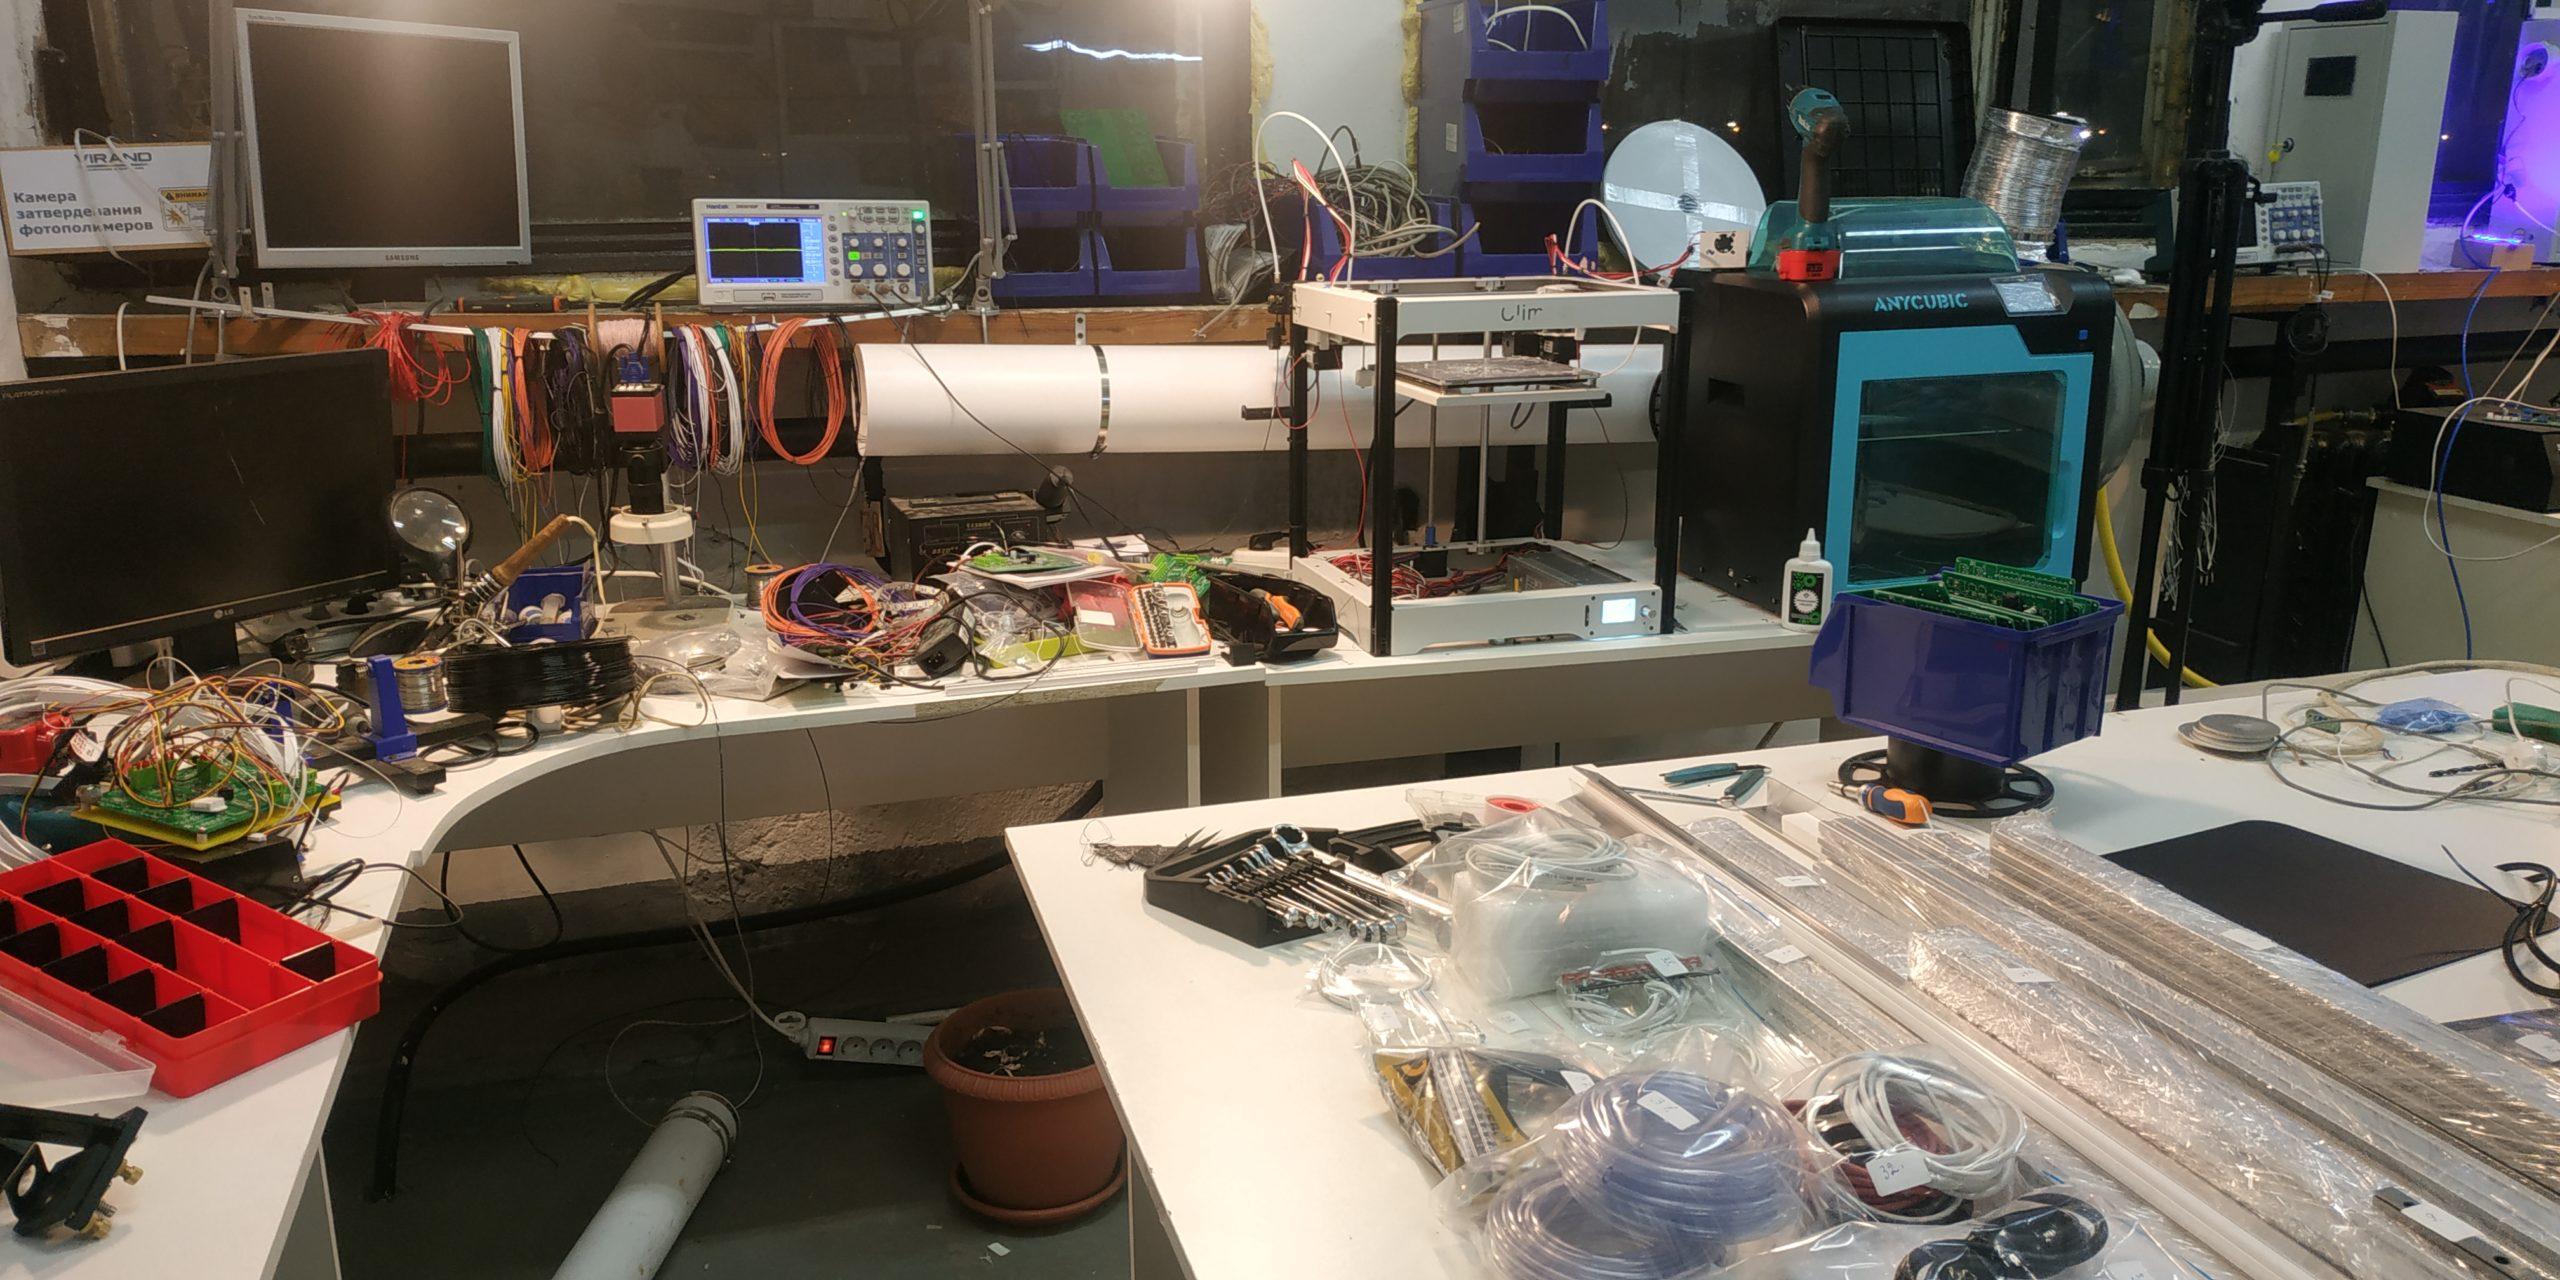 Купить Наборы для сборки лазерного станка VIRAND CONSTRUCTOR V3 в г. Ярославль, г. Аксай и г. Санкт-Петербург